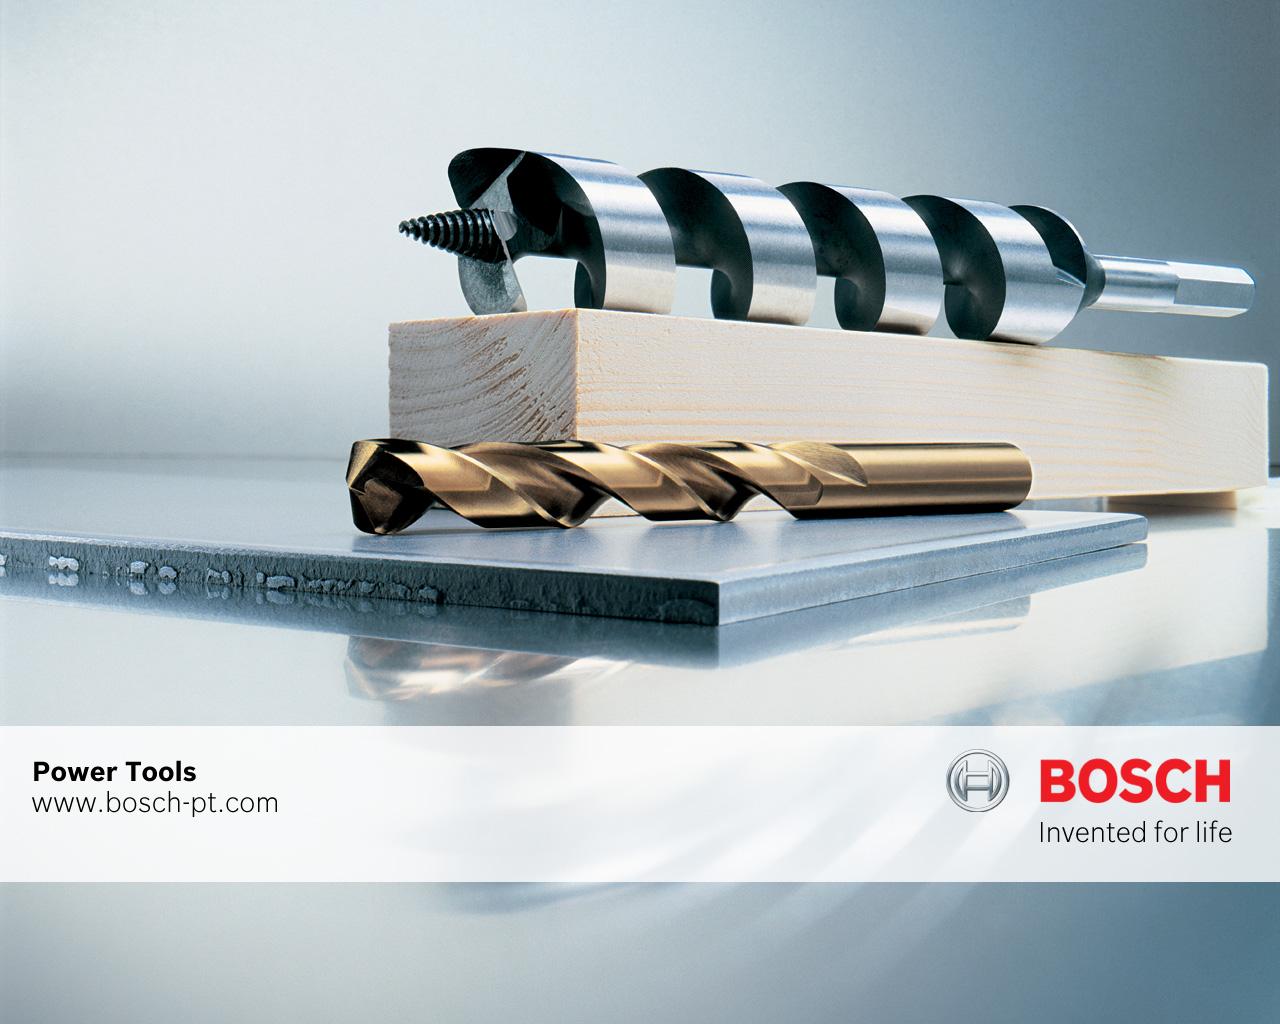 Bosch Power Tools 1280x1024 Download Hd Wallpaper Wallpapertip